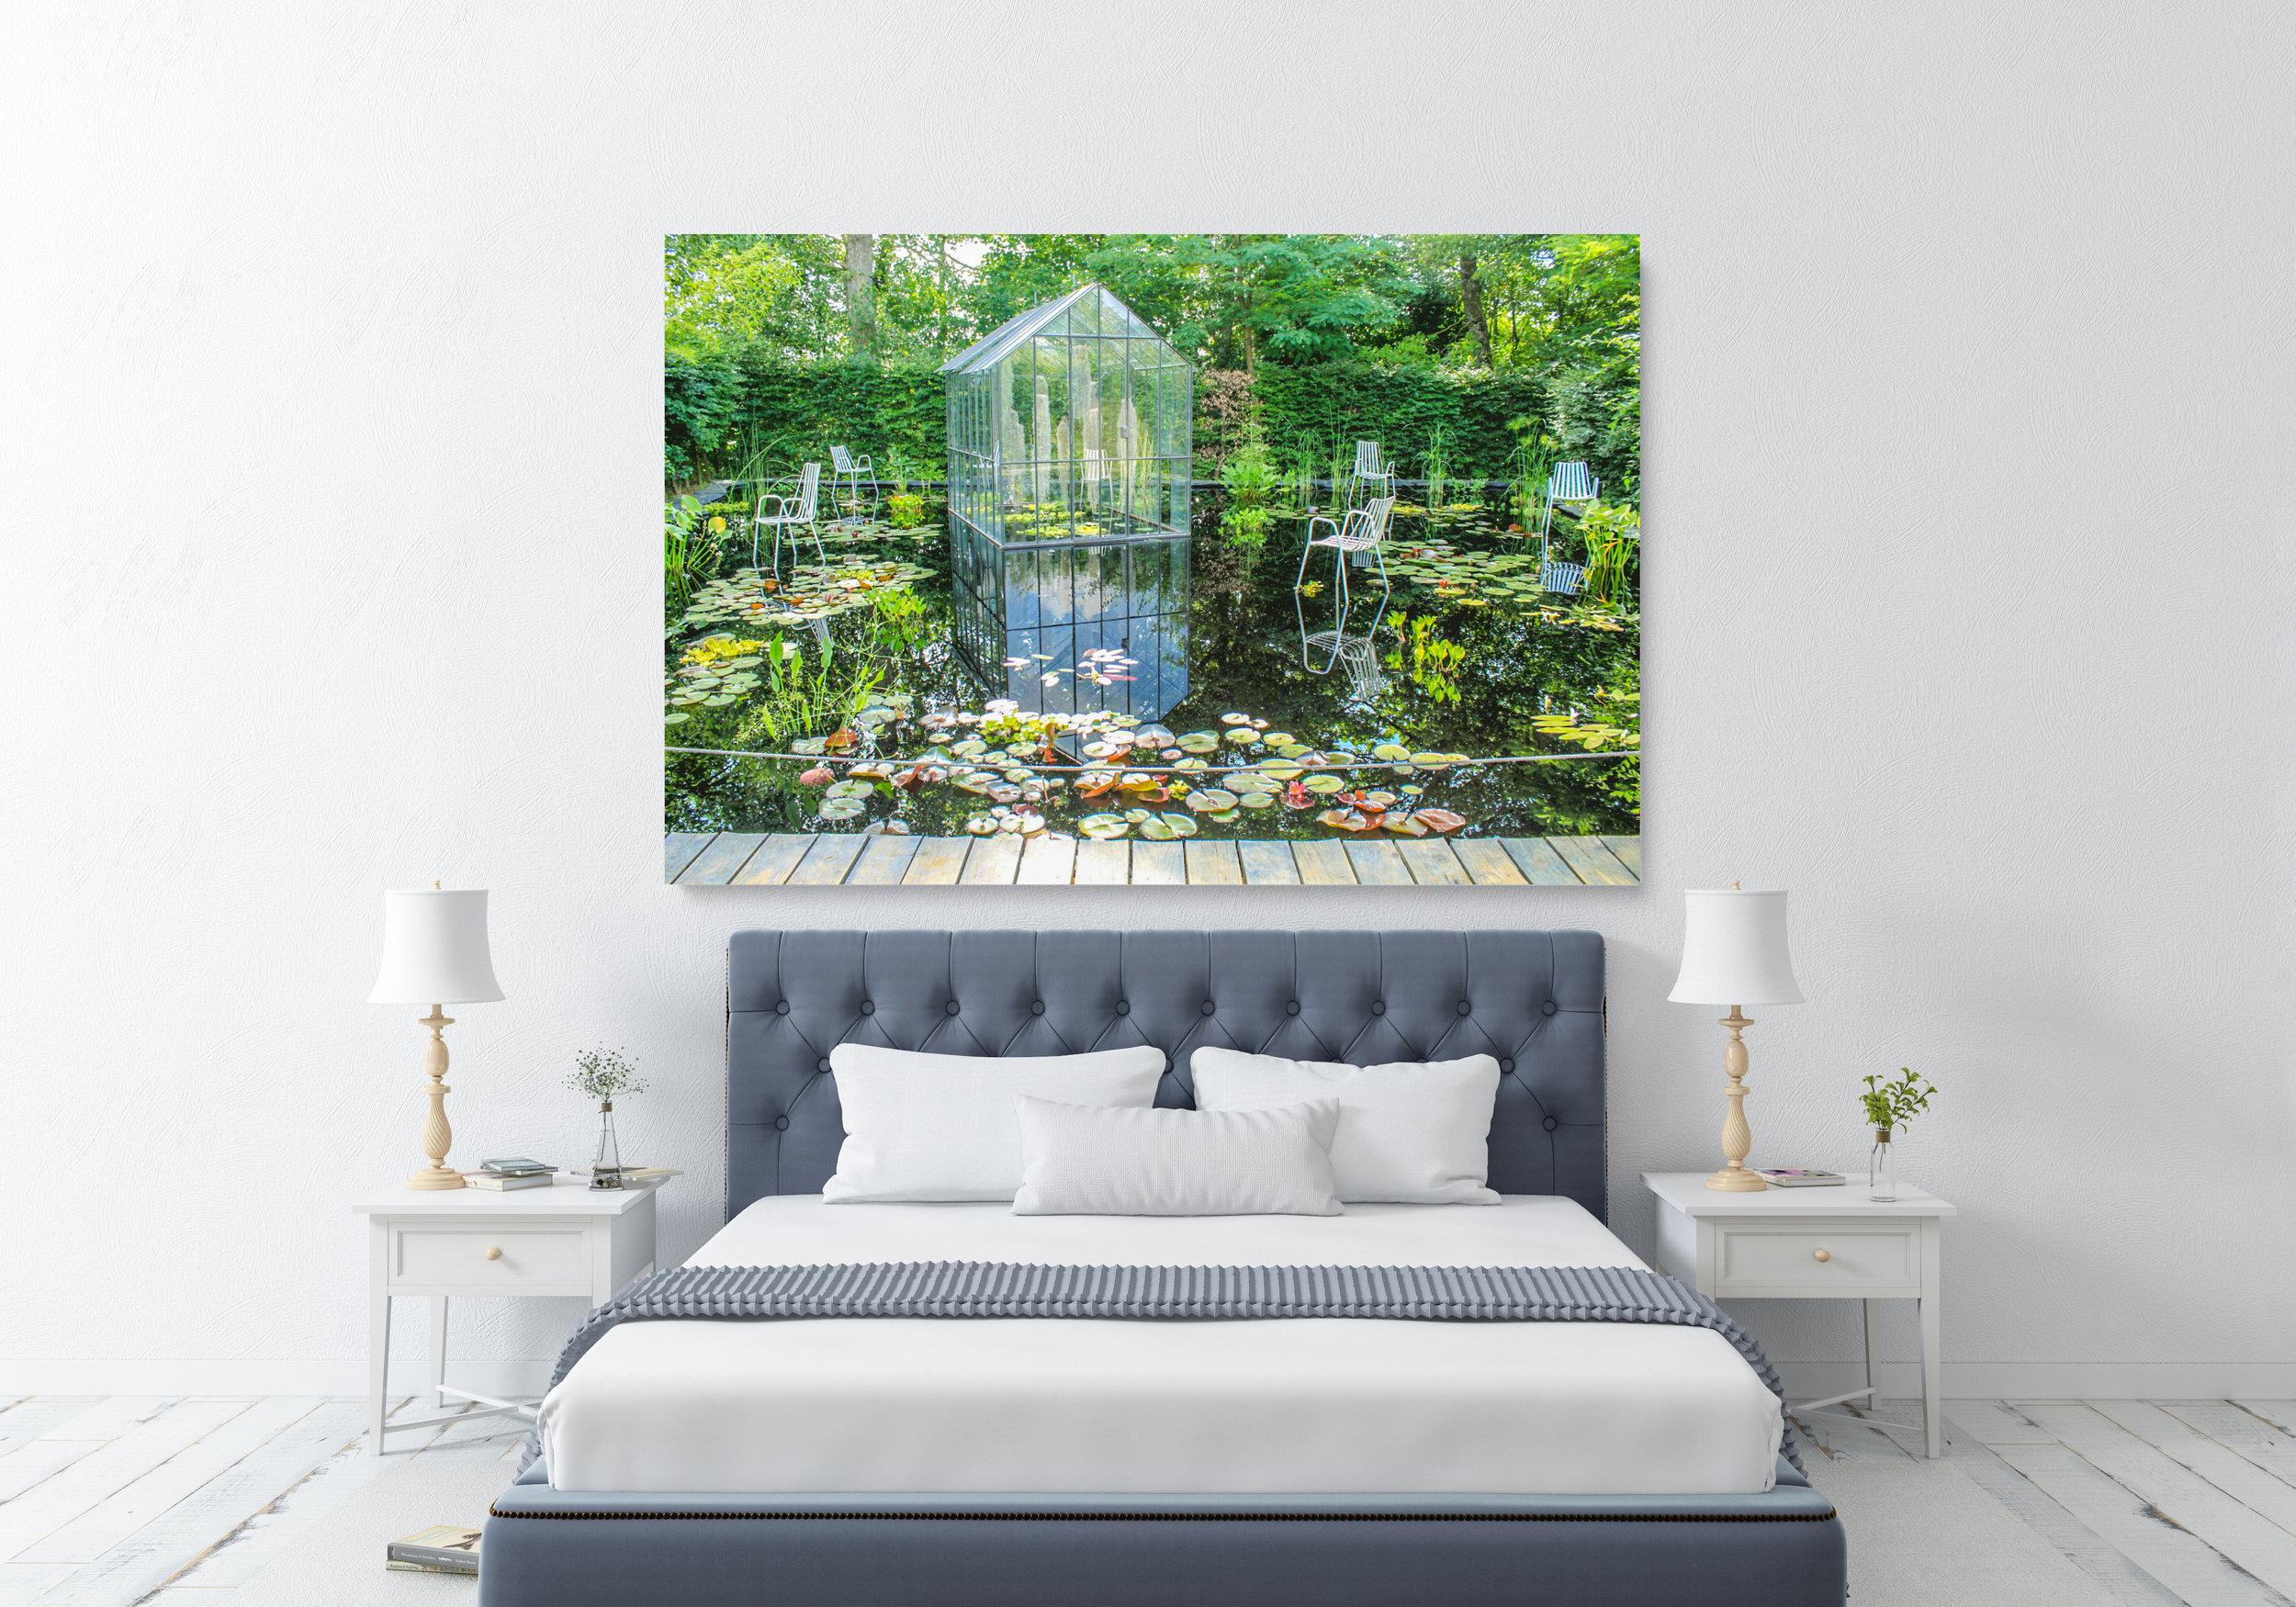 3*Villandry Garden Art Bedroom Sample.jpg